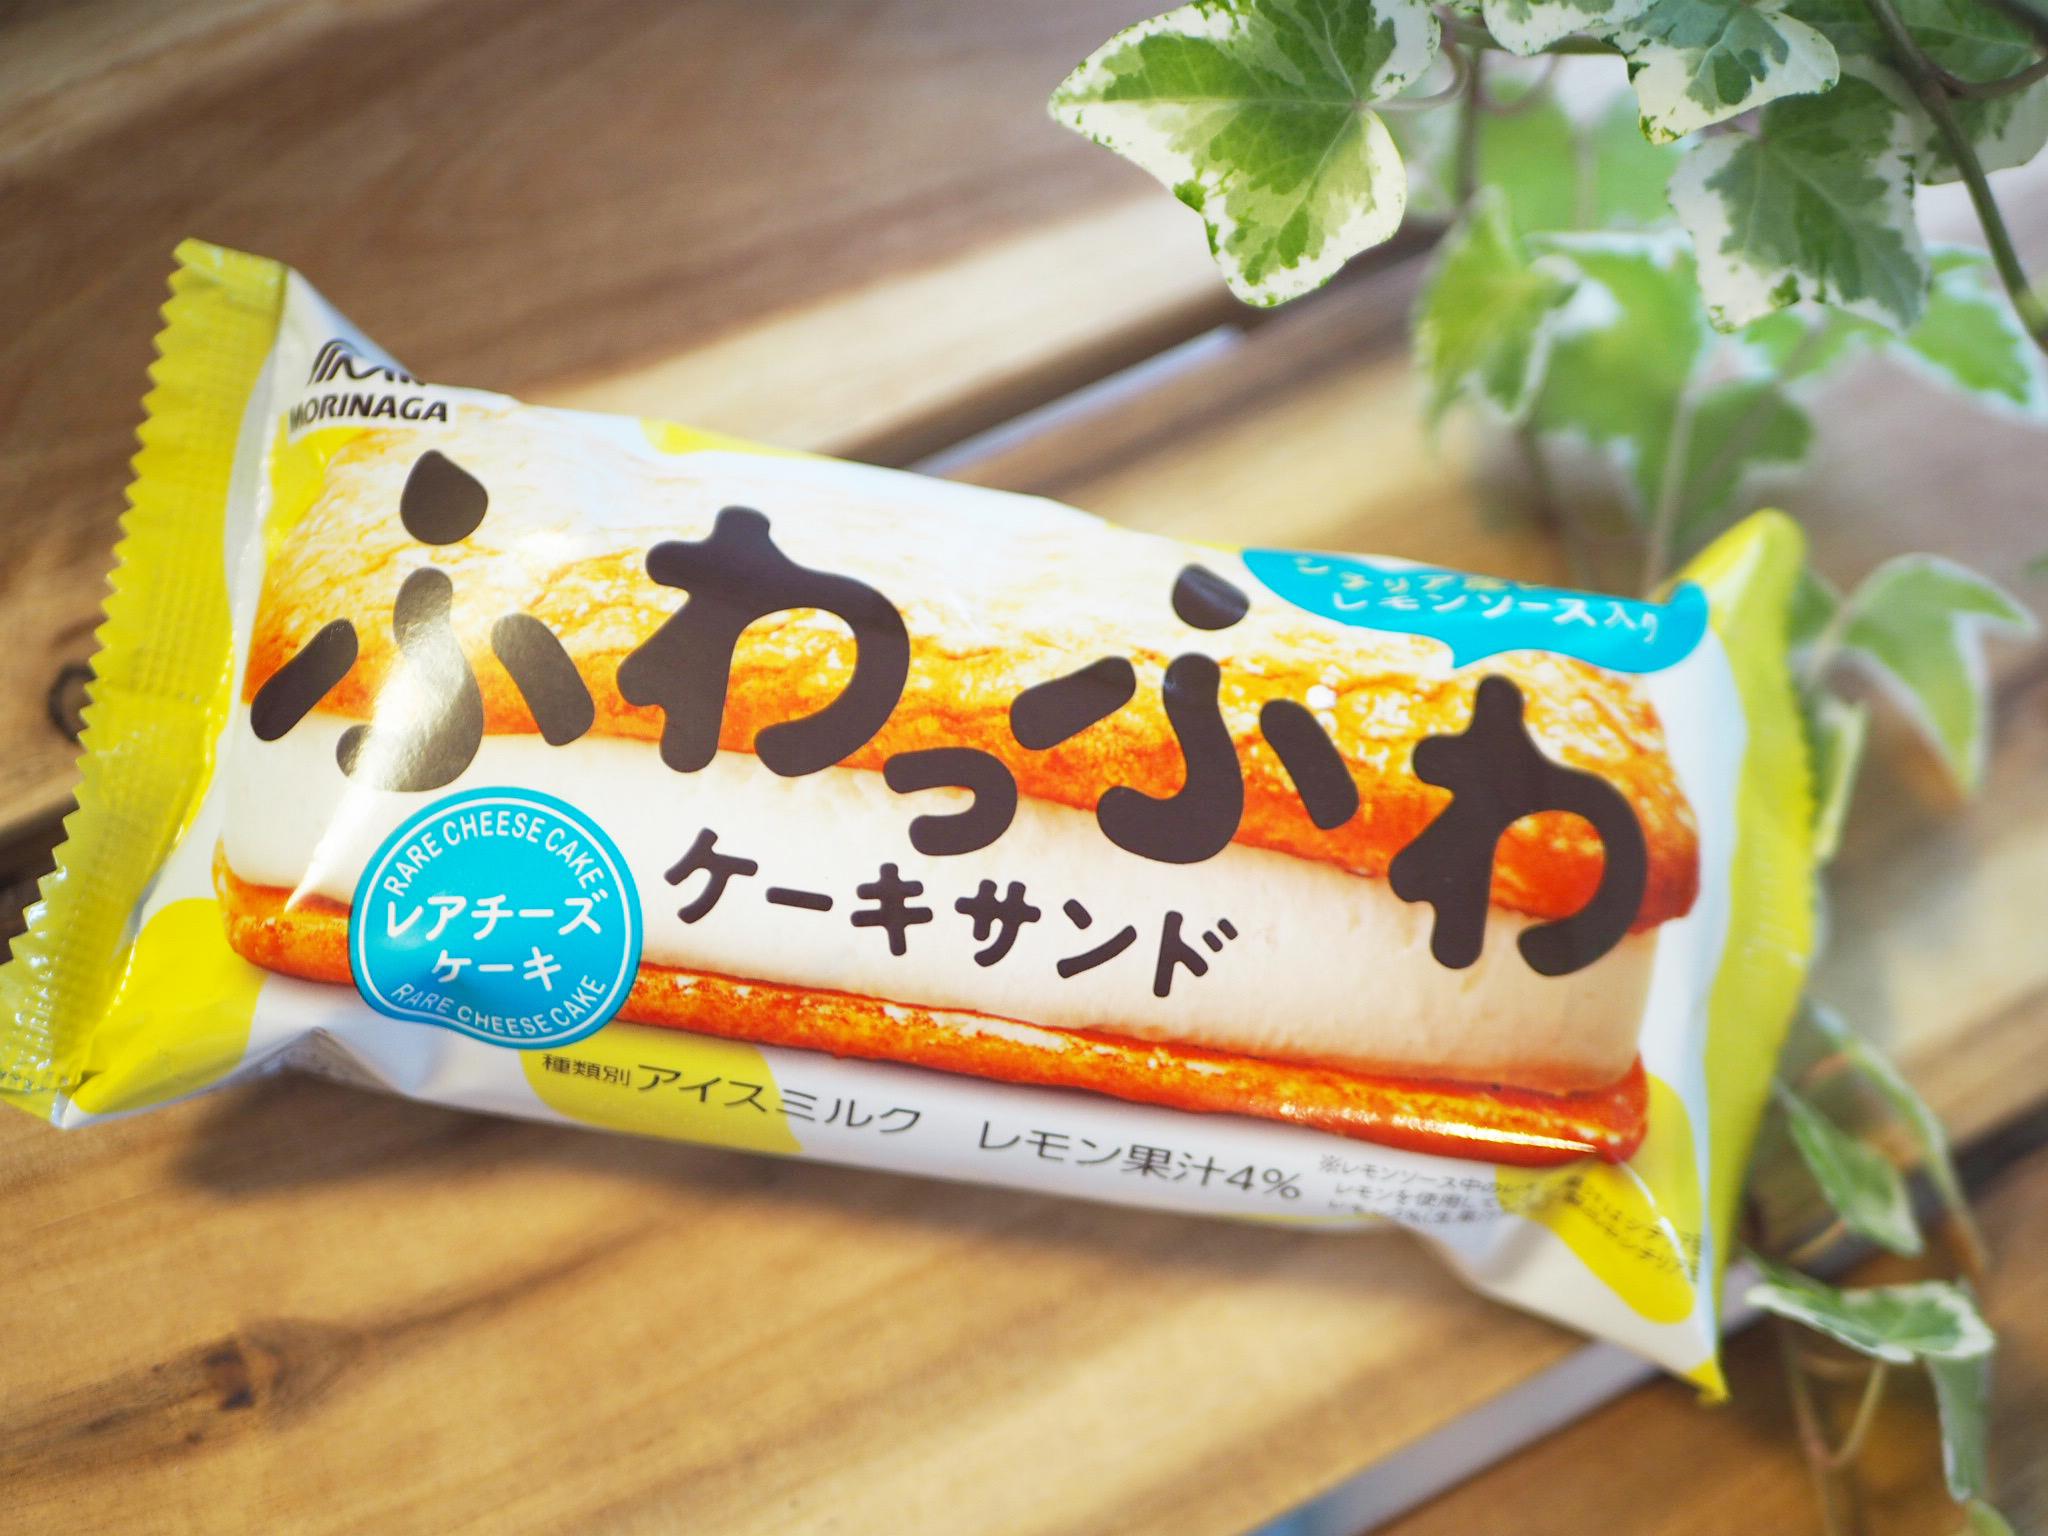 【おすすめアイス】一度は食べて!ファミマ限定アイス《ふわっふわケーキサンド》が美味しい♡_1